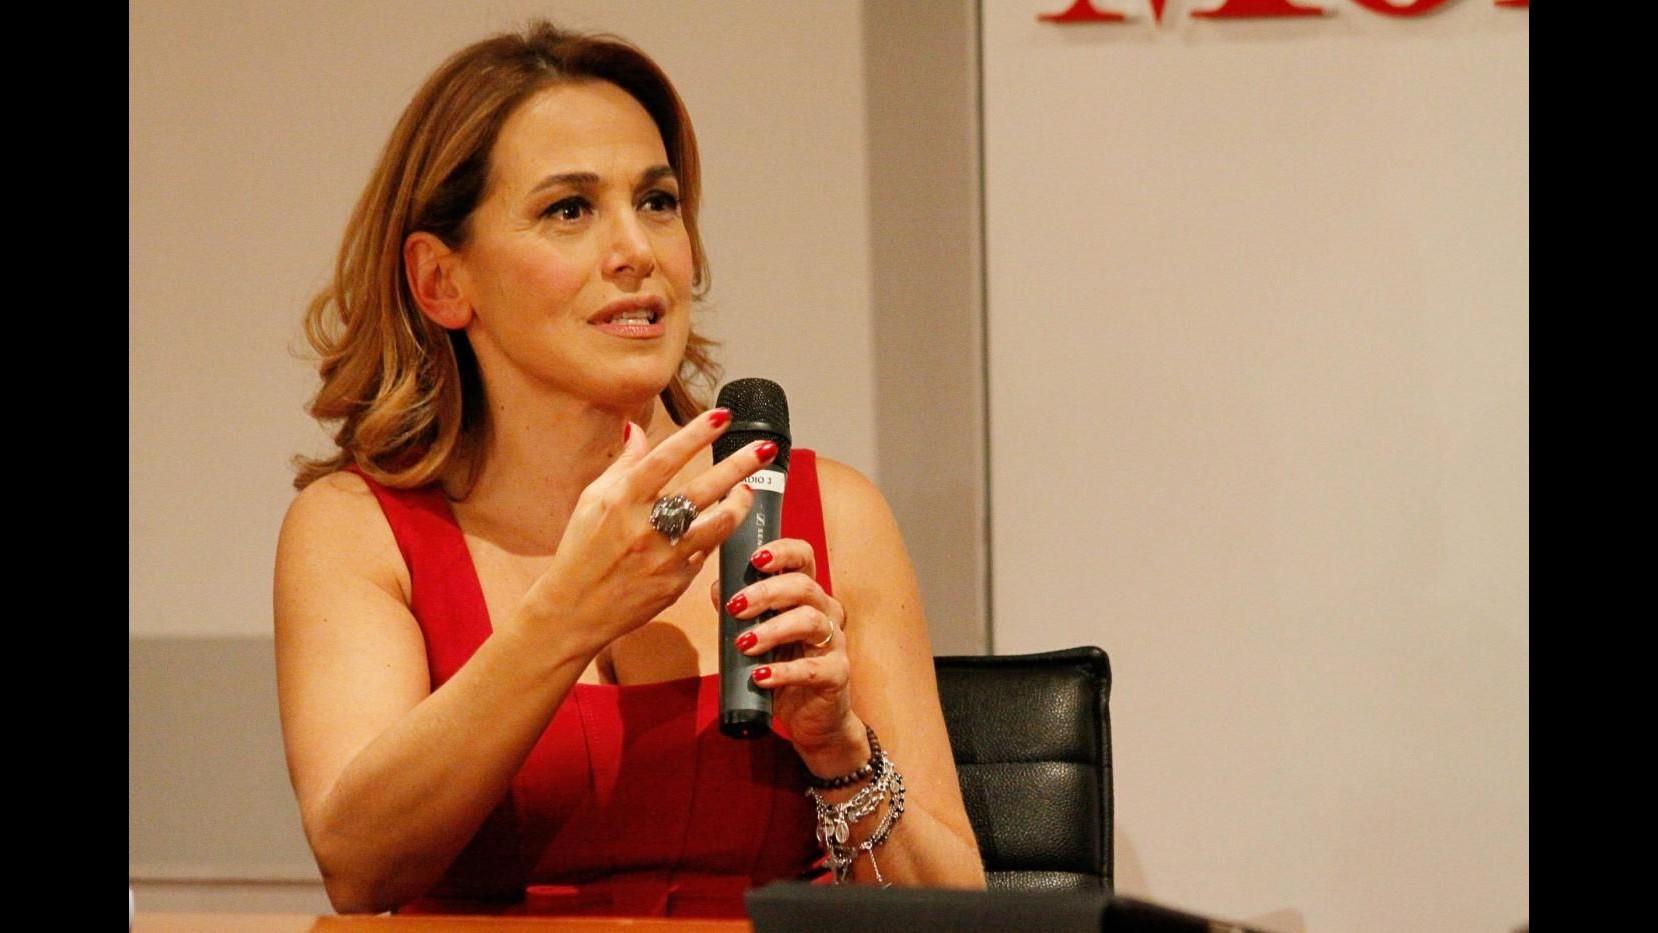 Barbara d'Urso: Chi mi attacca vuole visibilità, io non cambio